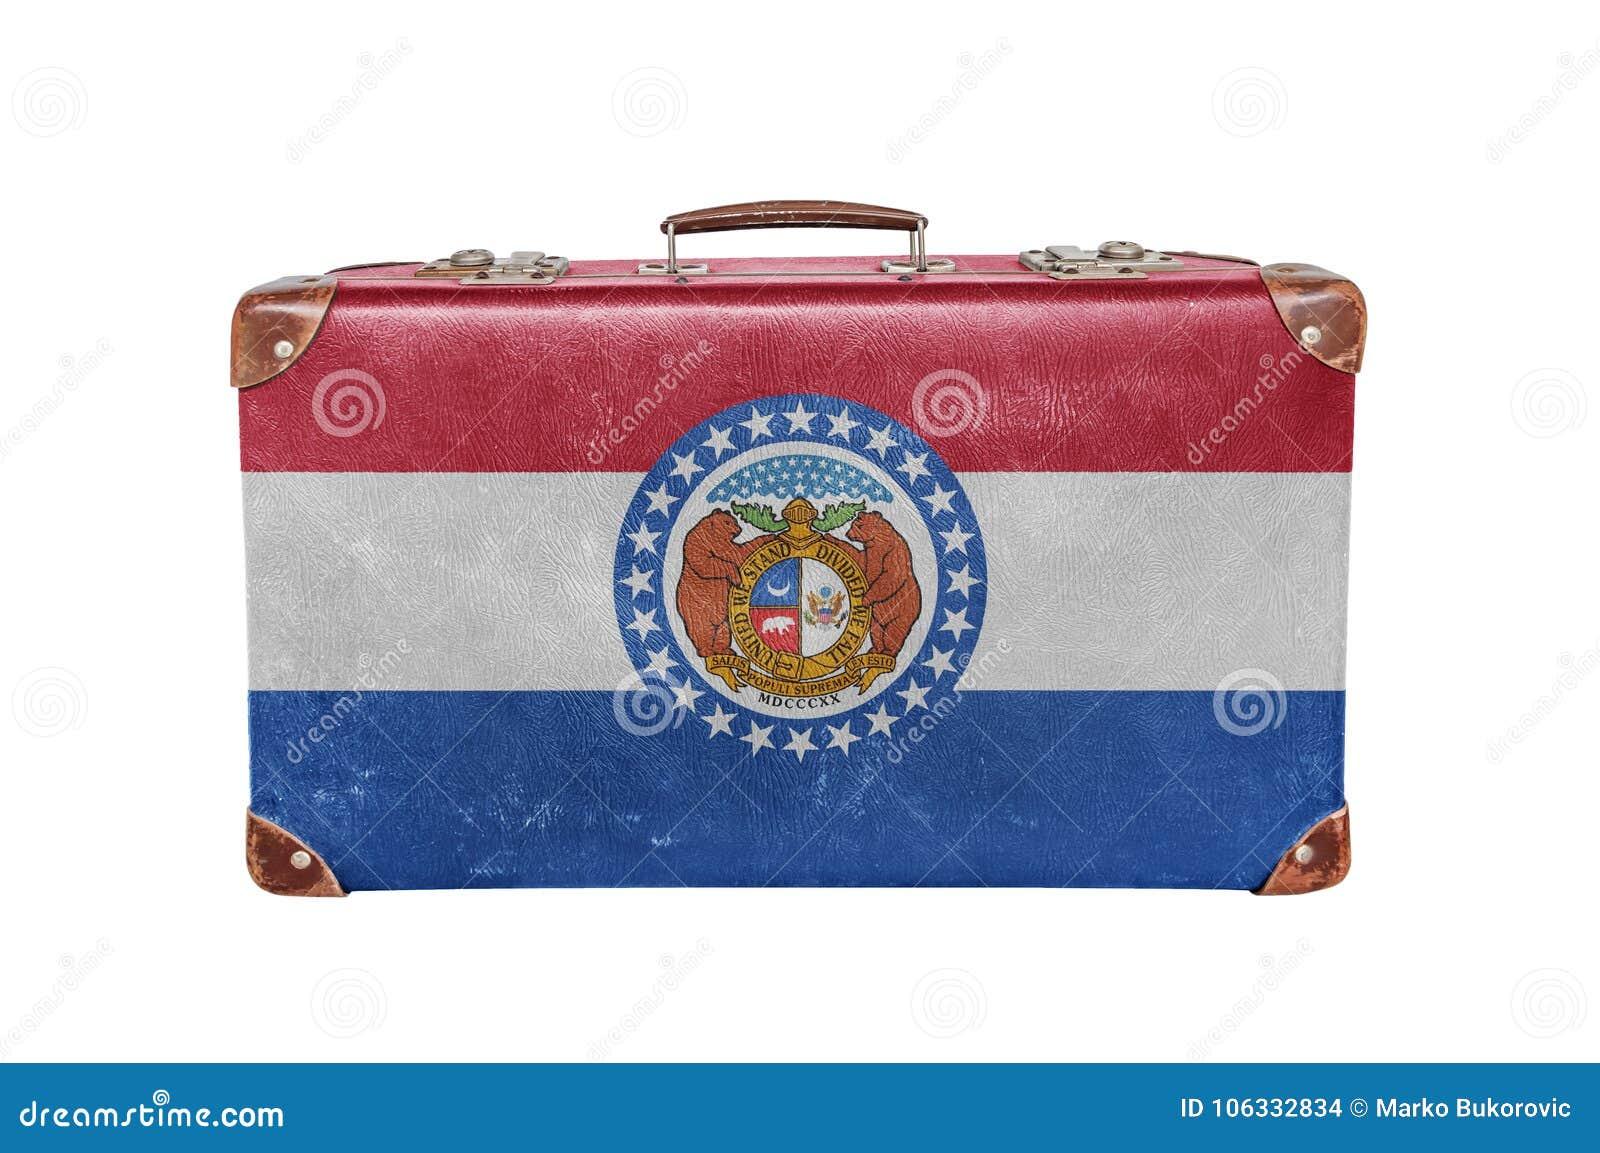 Valise de vintage avec le drapeau du Missouri